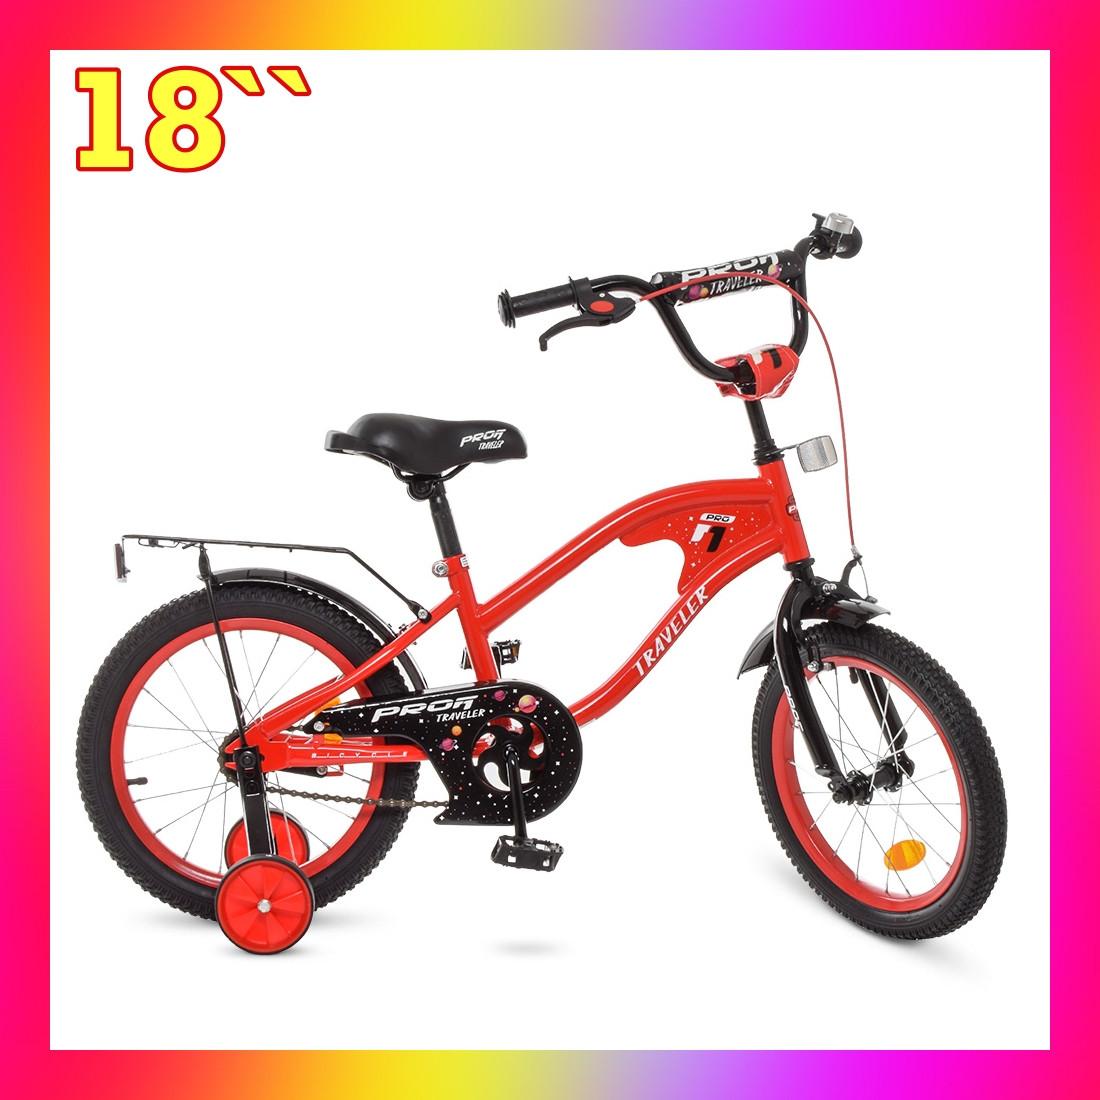 Детский двухколесный велосипед Profi TRAVELER 18 дюймов Y18181 красный. Для детей 5-8 лет